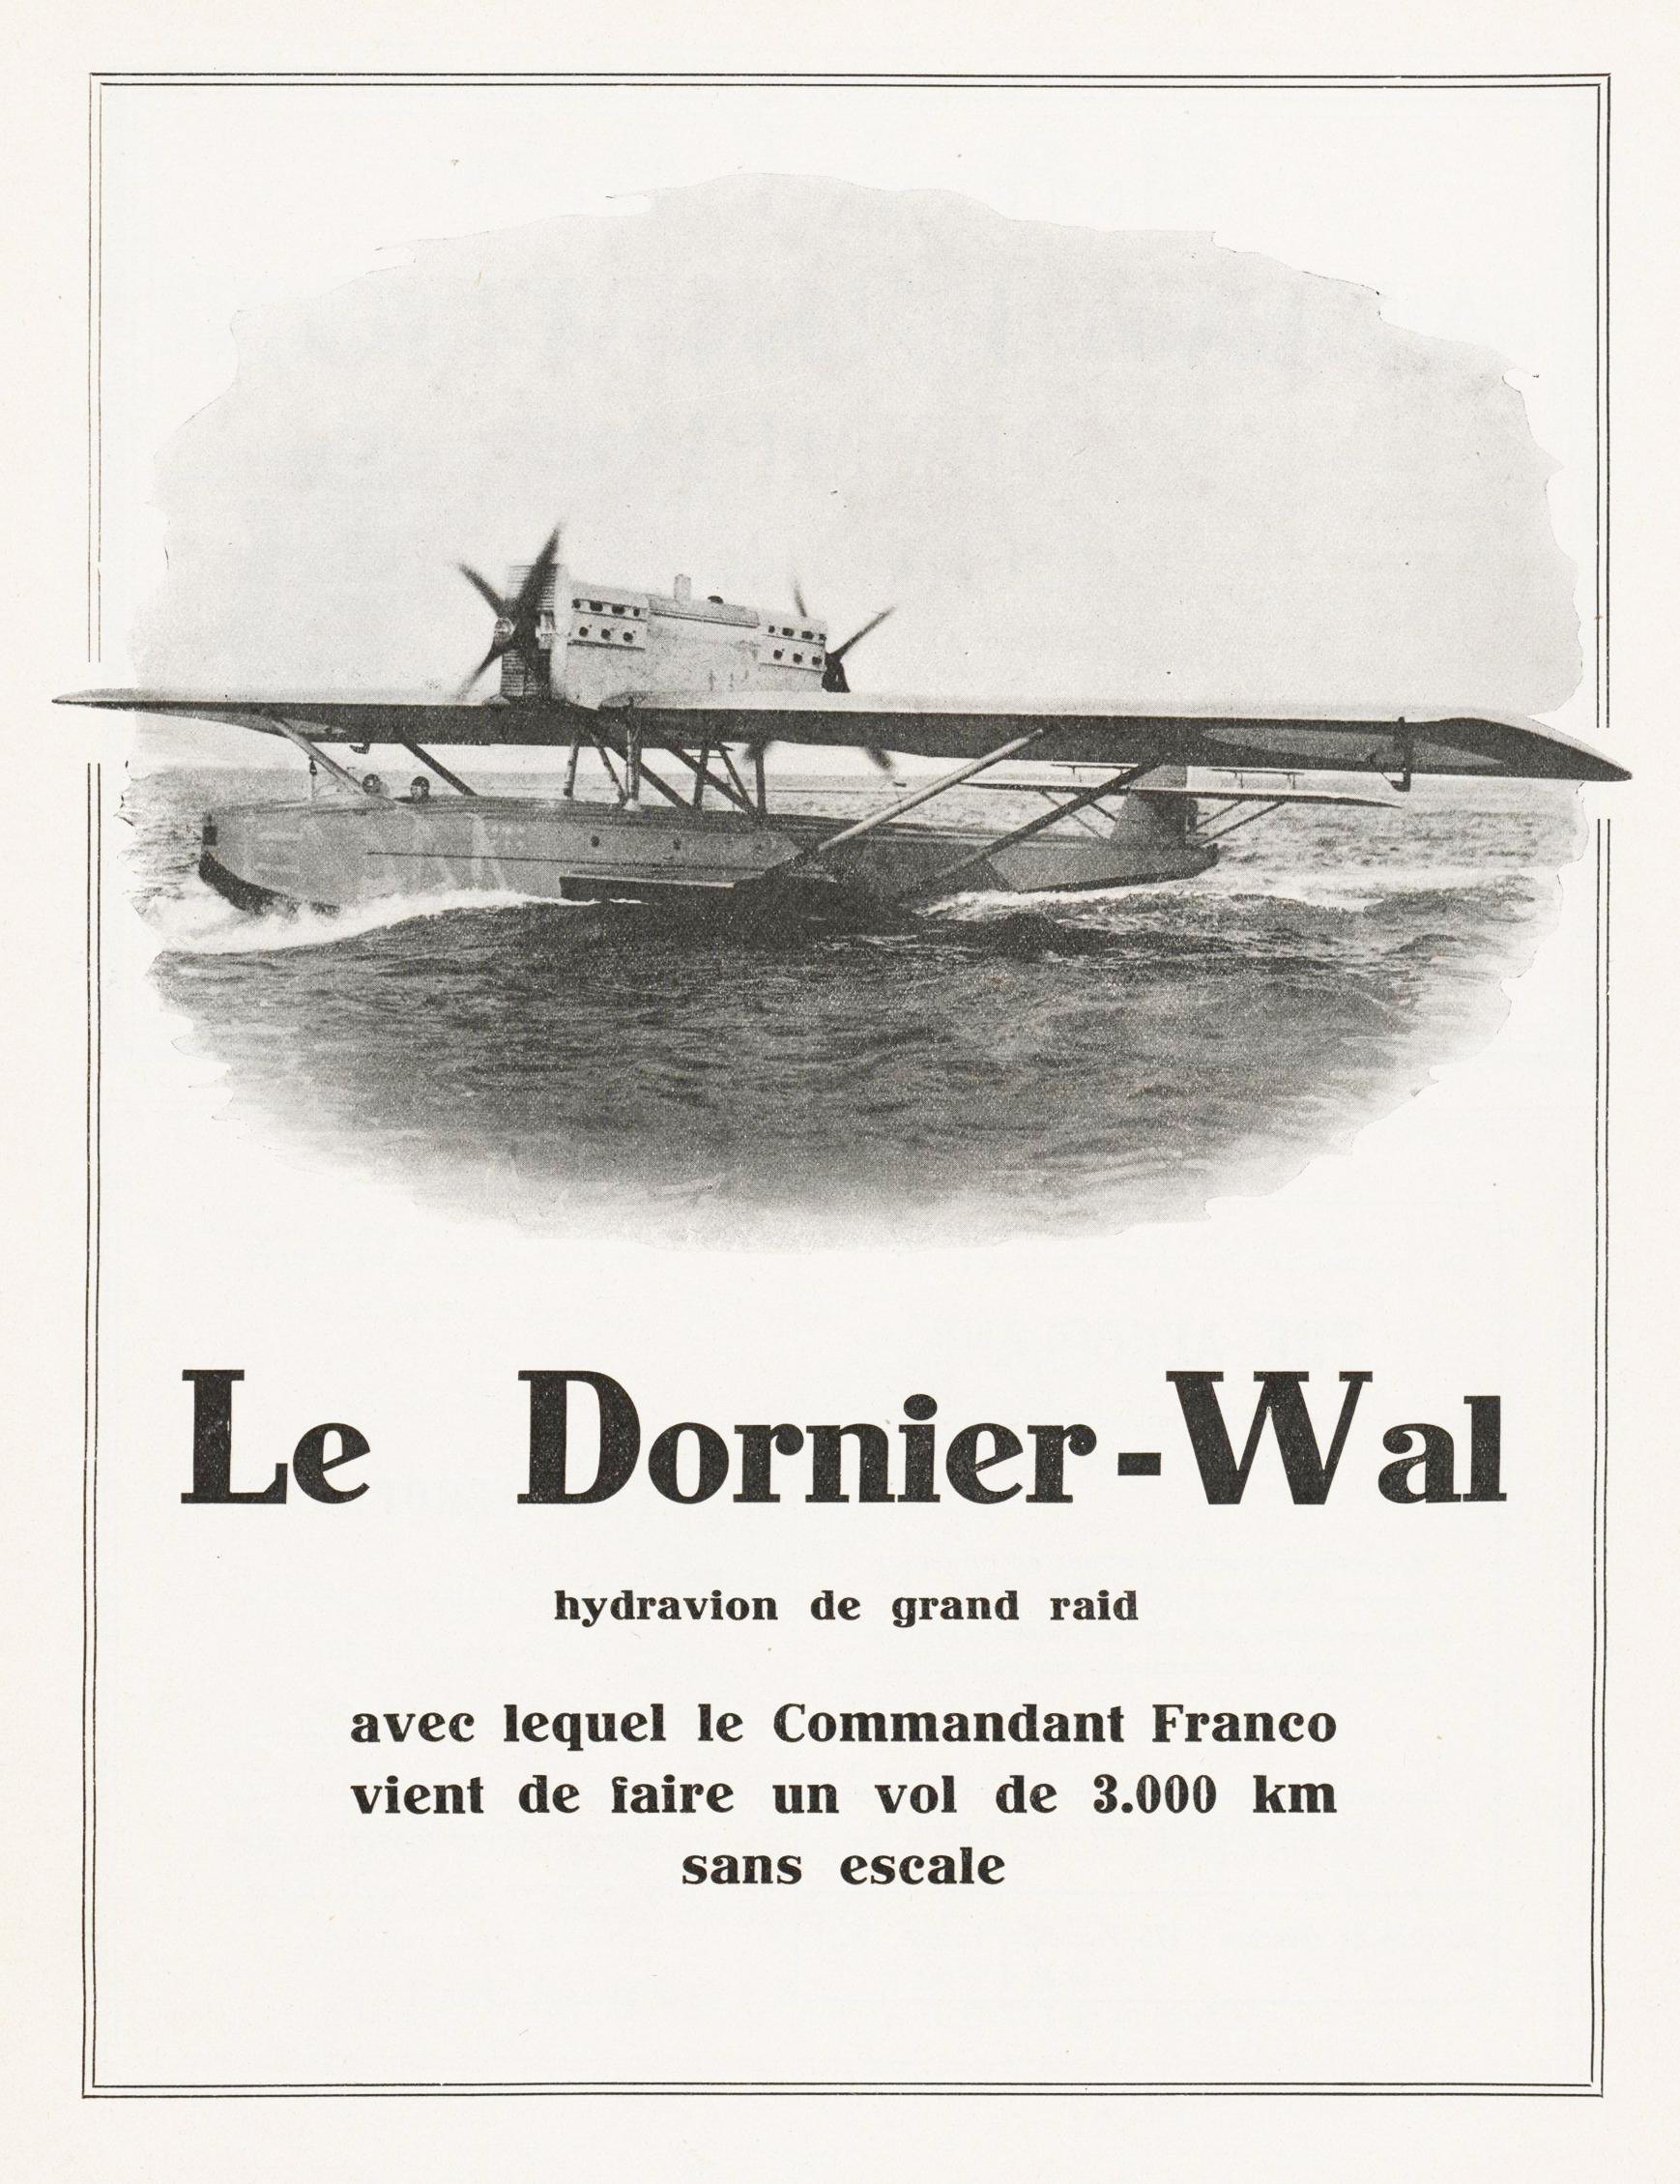 1929-feb-laeronautique3